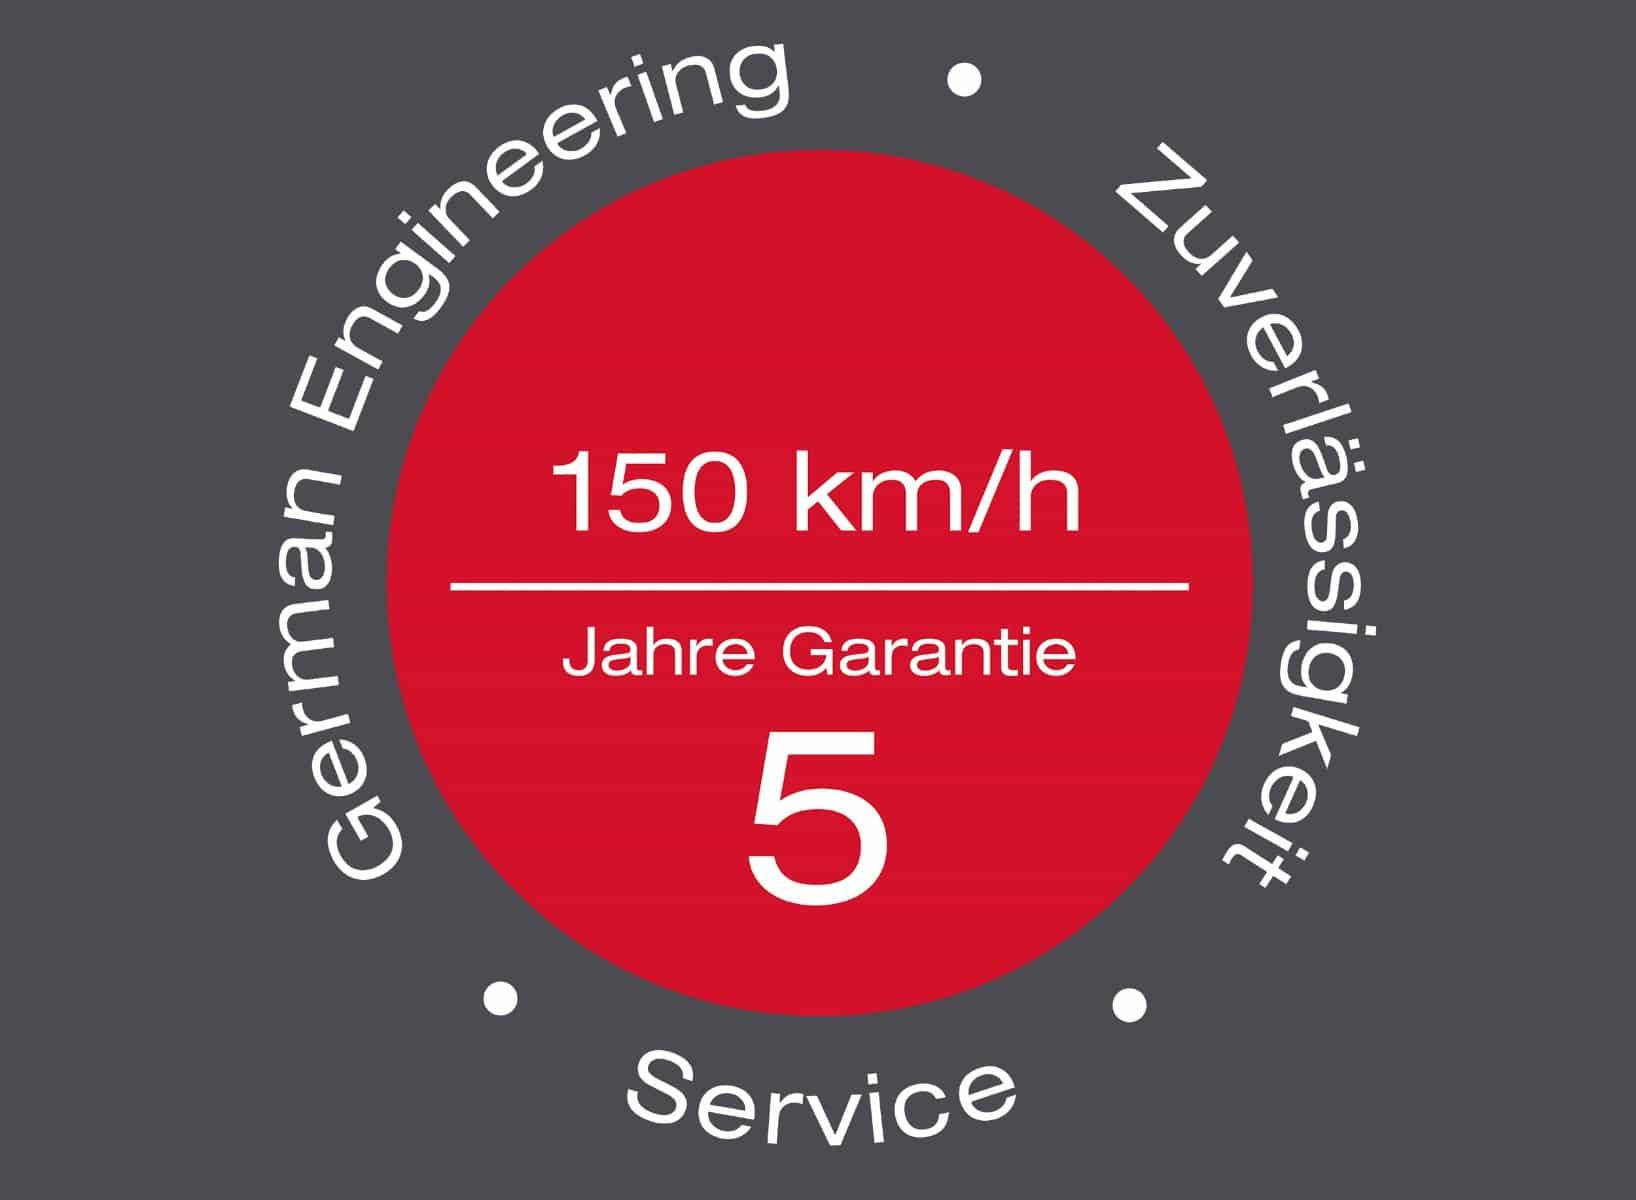 Knirps-Herbst-Kampagne_5-Jahre-Garantie-Windgeschwindigkeit-